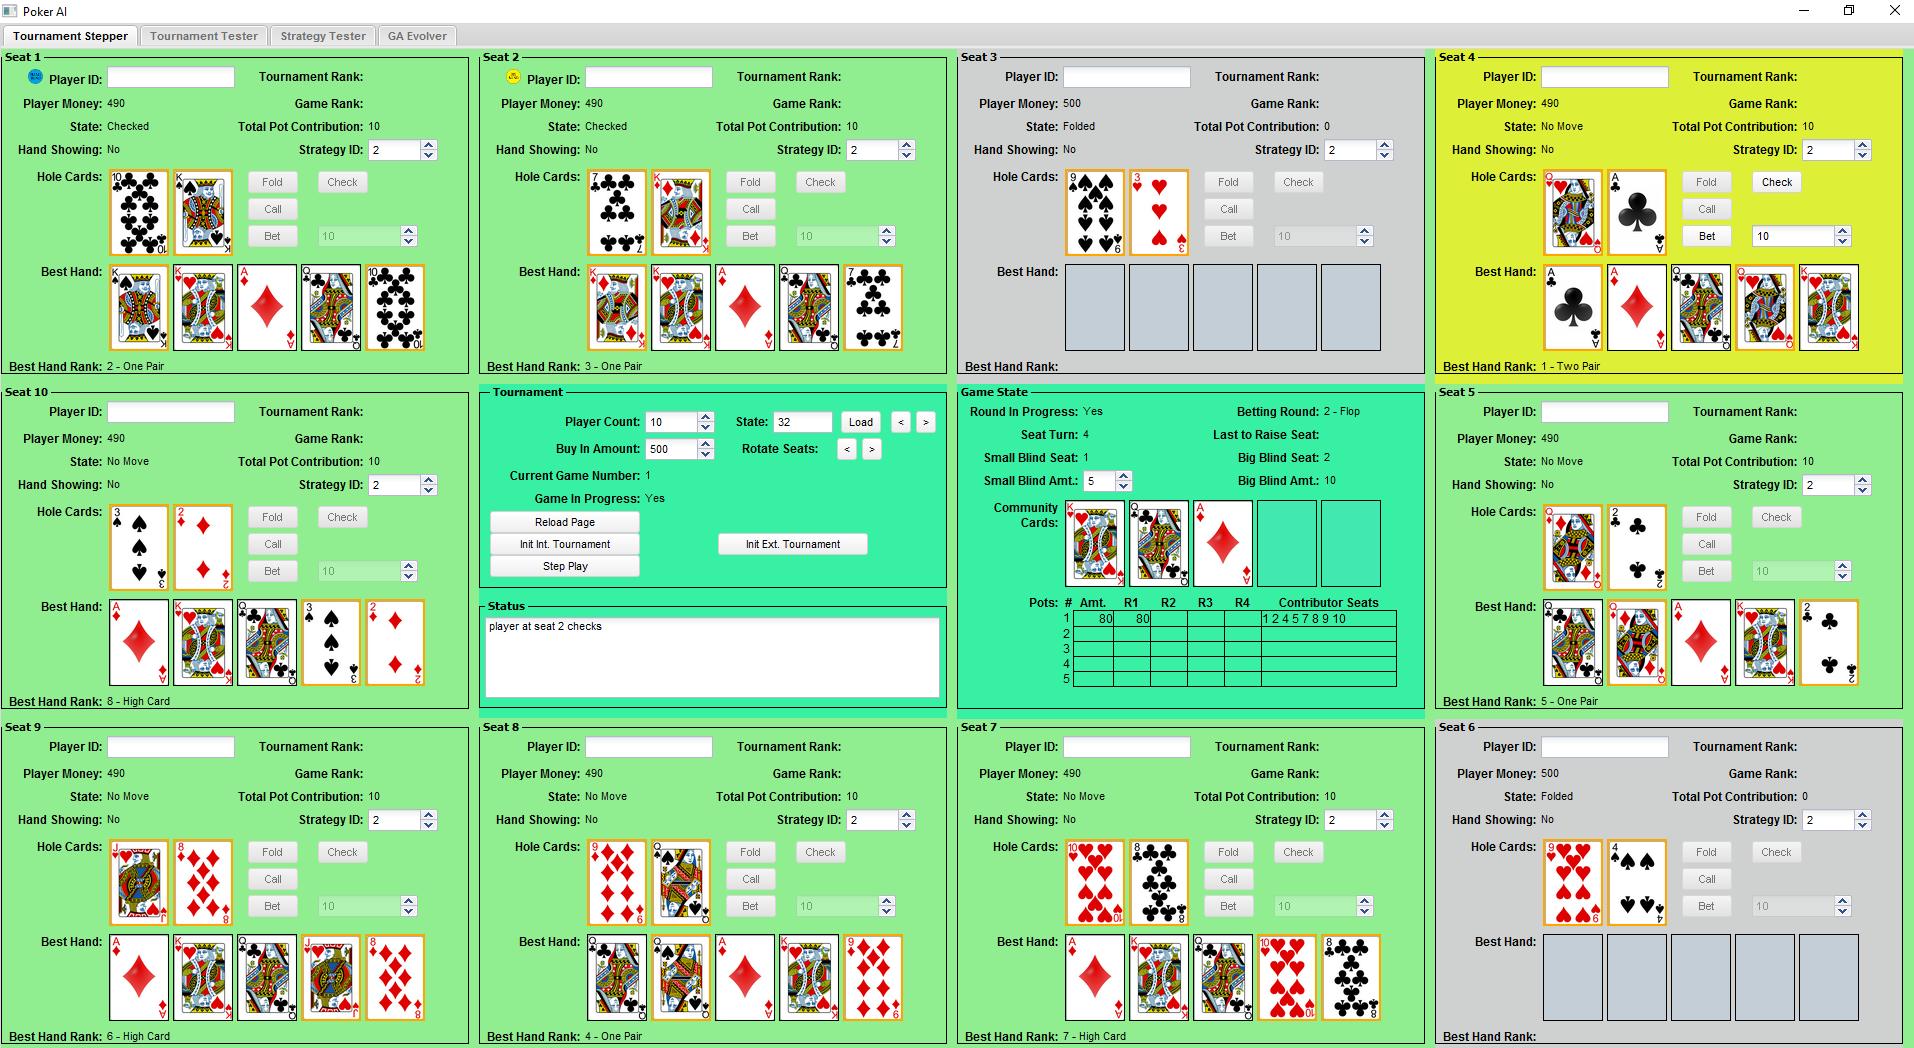 Ustawa antyhazardowa 2011 poker